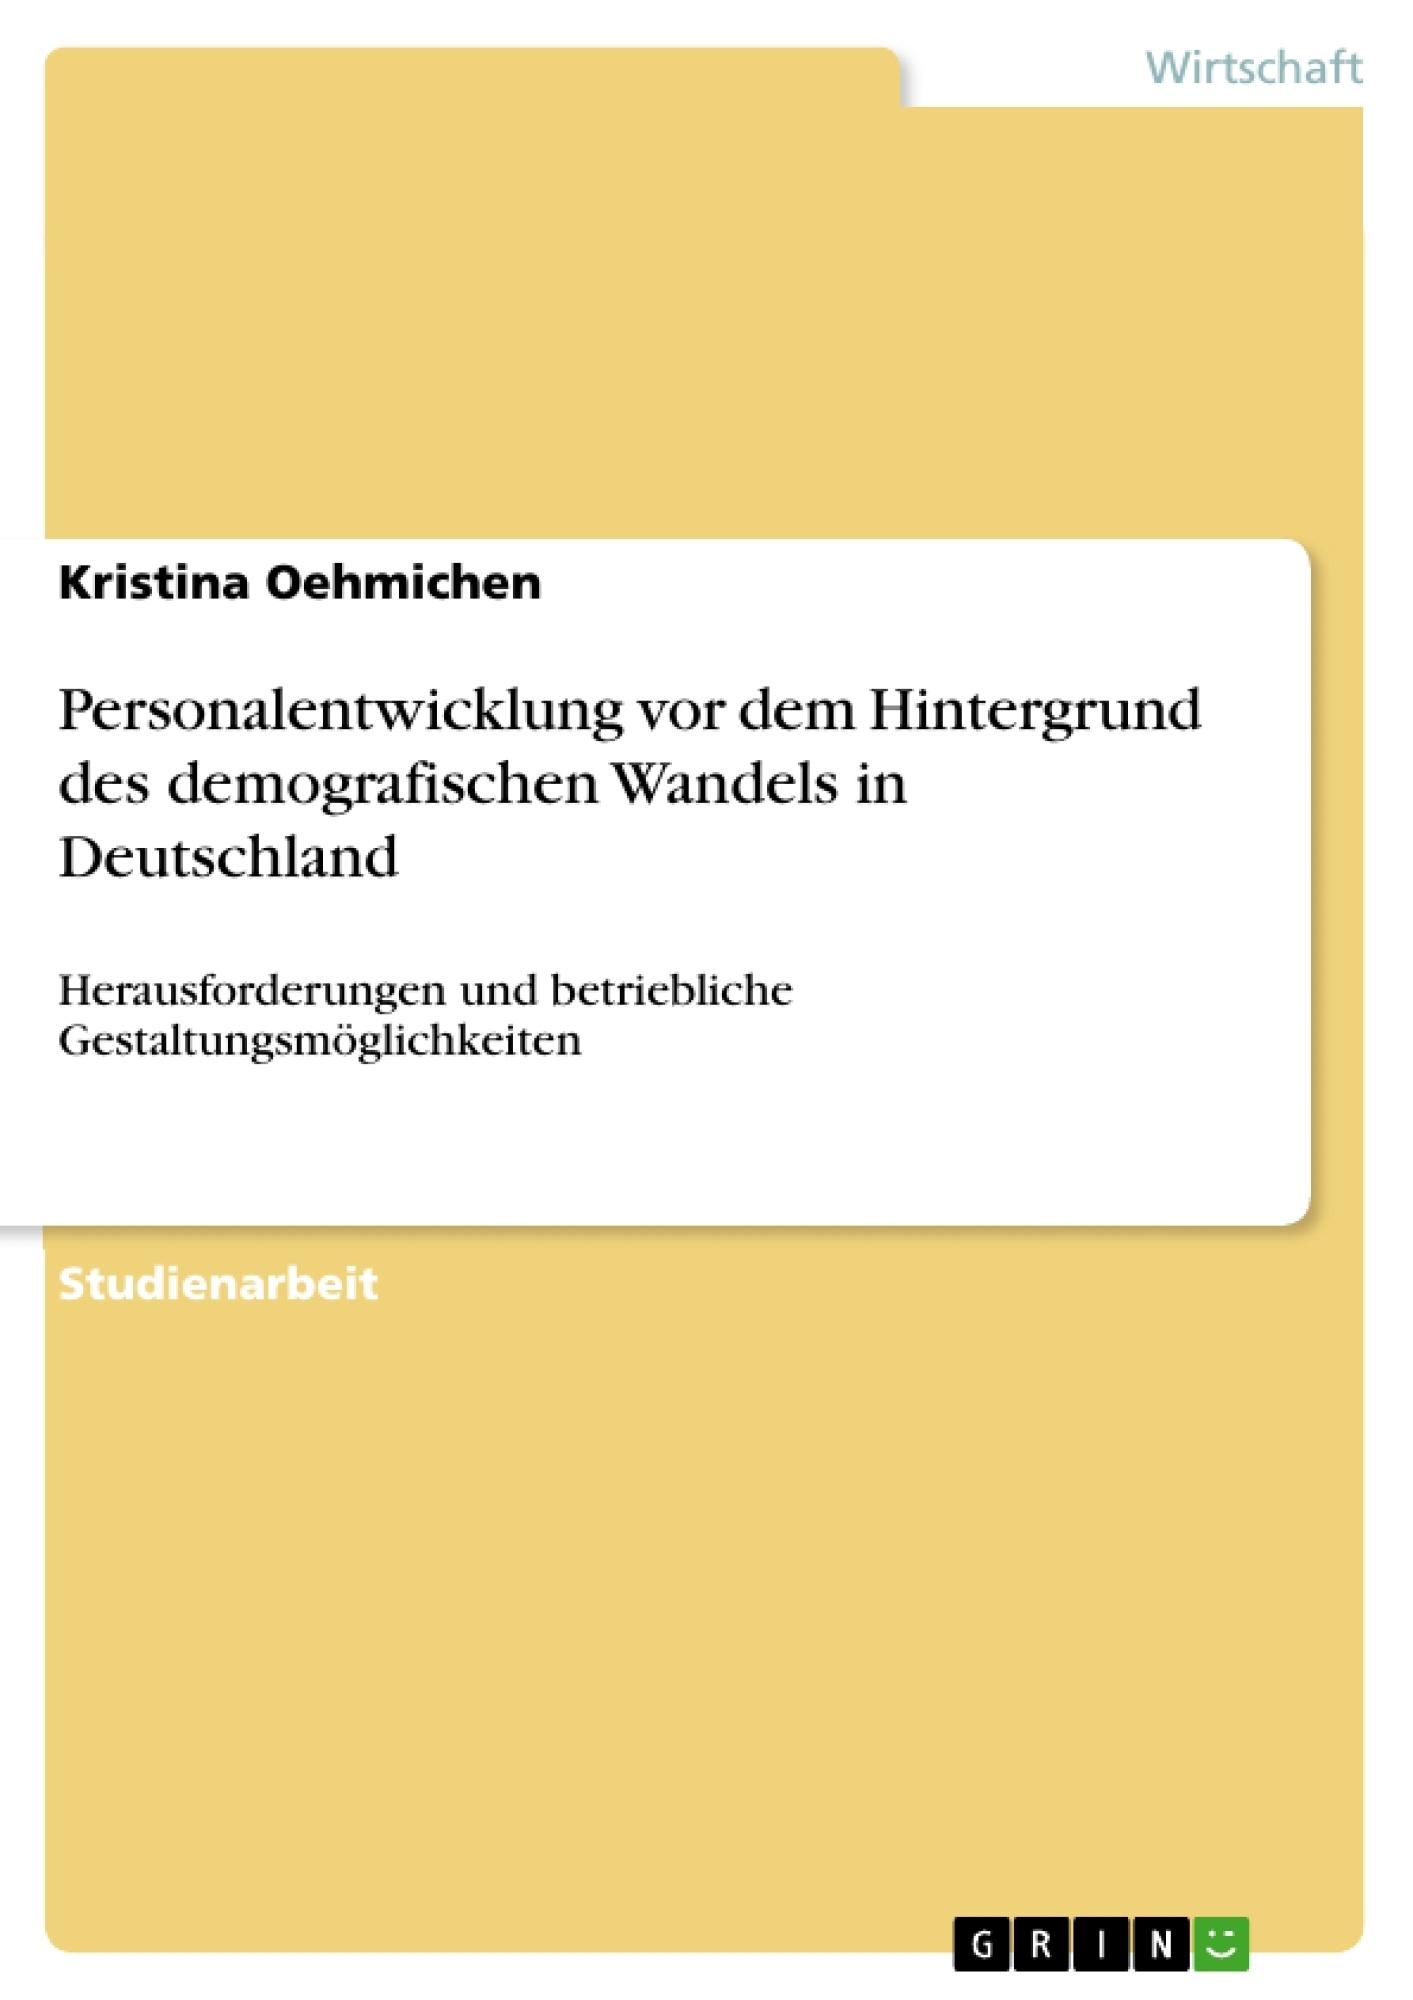 Titel: Personalentwicklung vor dem Hintergrund des demografischen Wandels in Deutschland